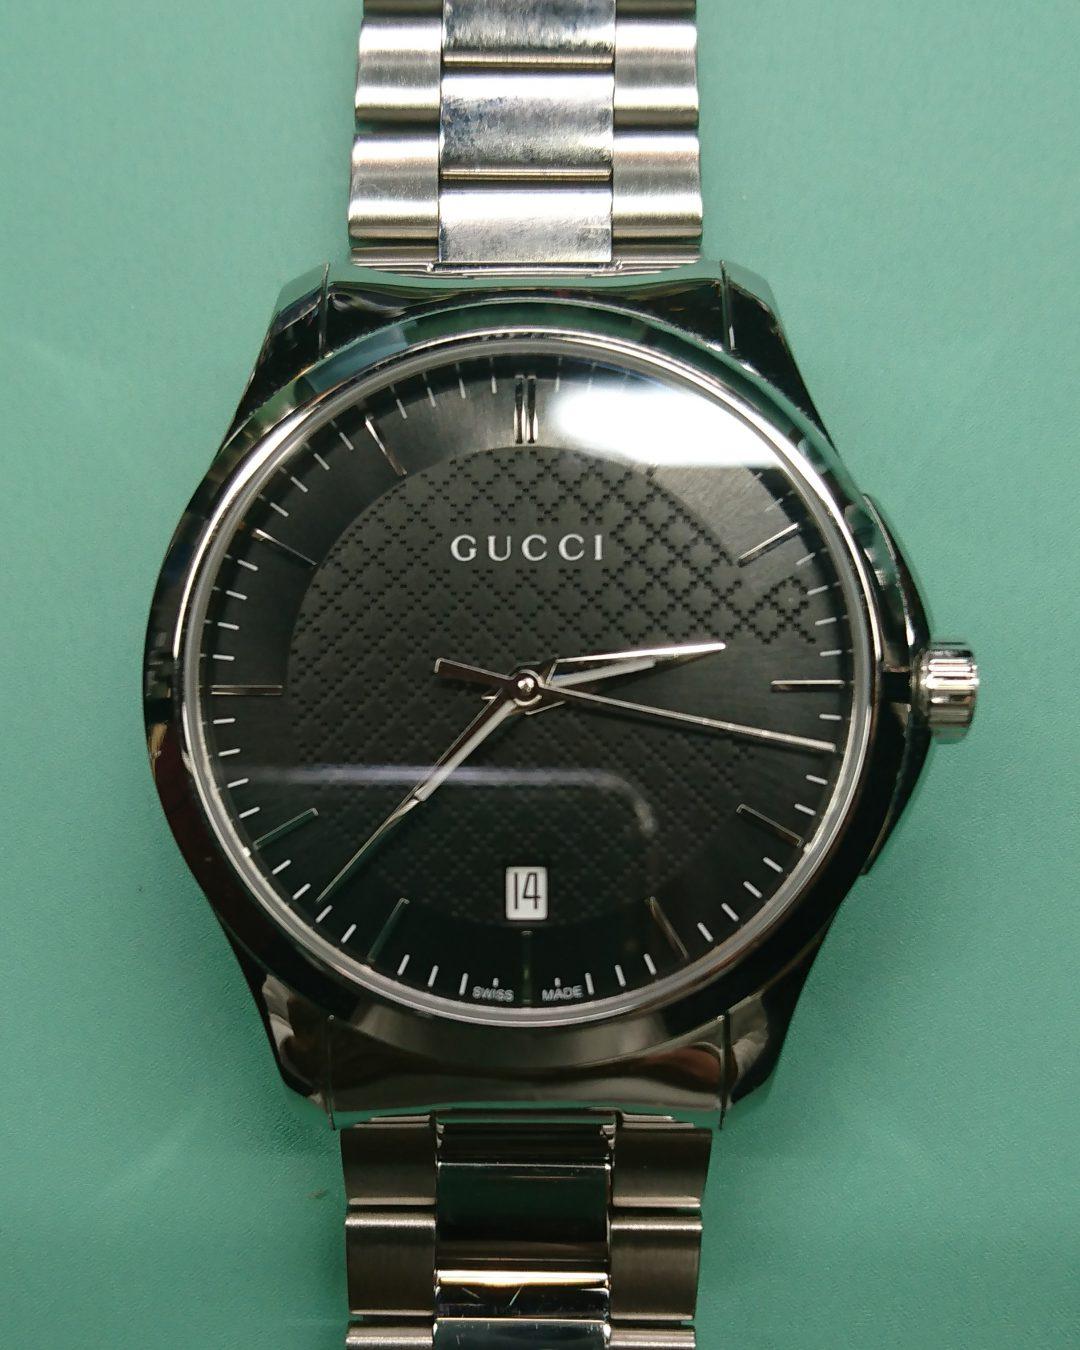 GUCCI クオーツの電池交換を新潟市にある時計修理工房BROOCHで承りました。オーバーホールなど修理承ります。